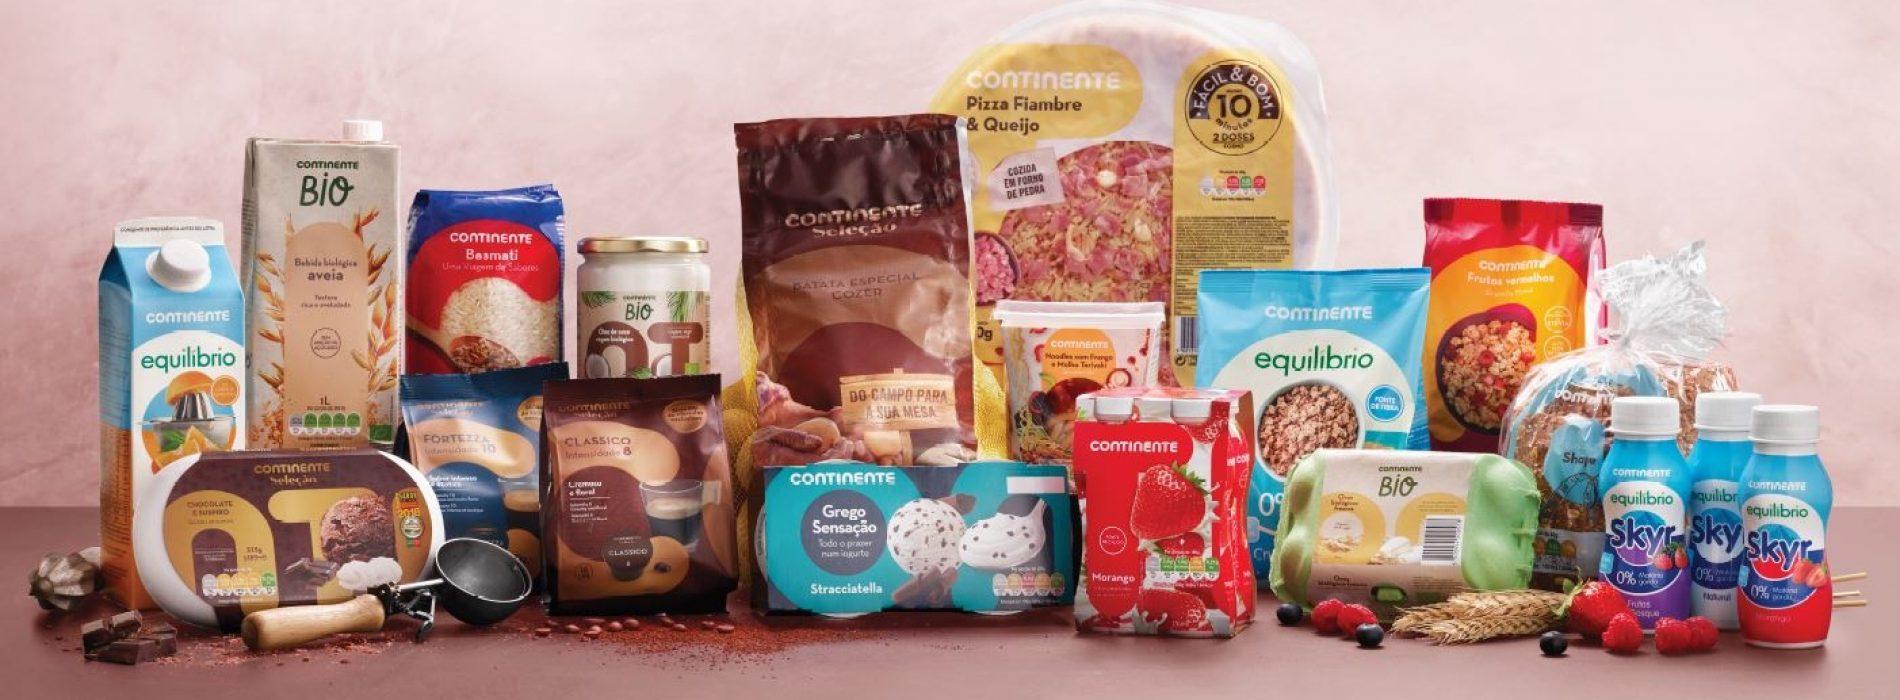 Continente sublima confiança para promover  produtos marca própria  (com vídeo)